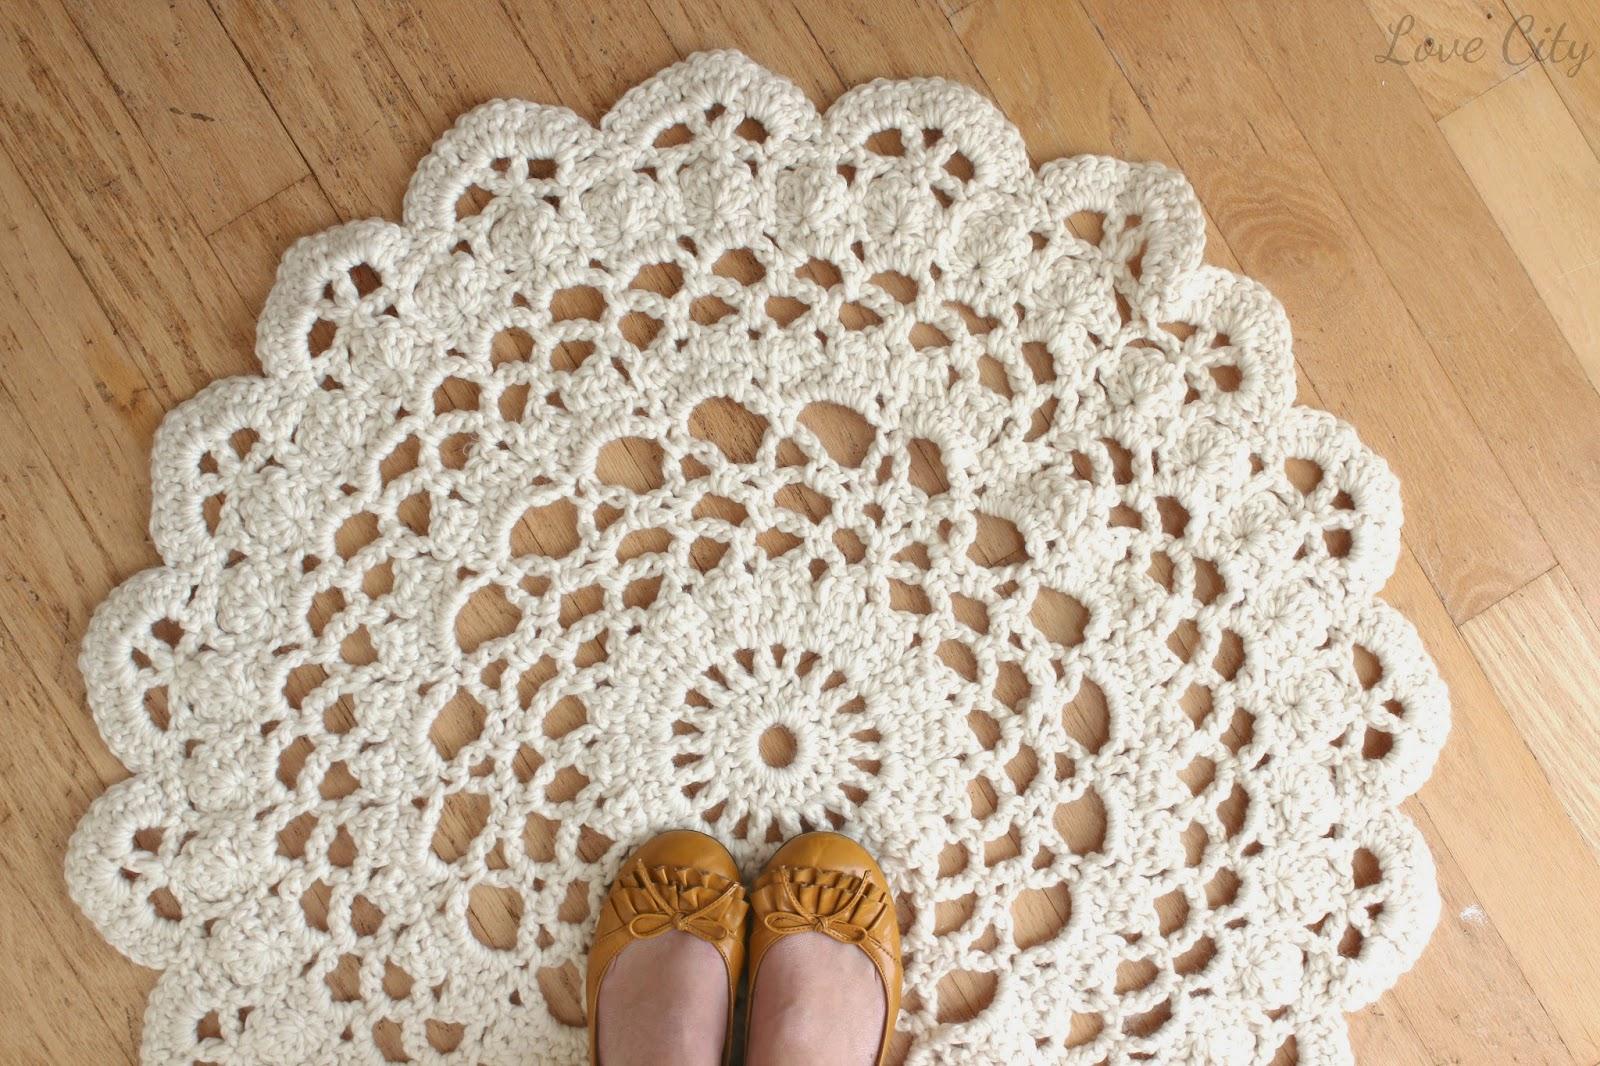 Tappeto Ovale Alluncinetto : Tappeto ovale alluncinetto tappeti in fettuccia fatti a mano